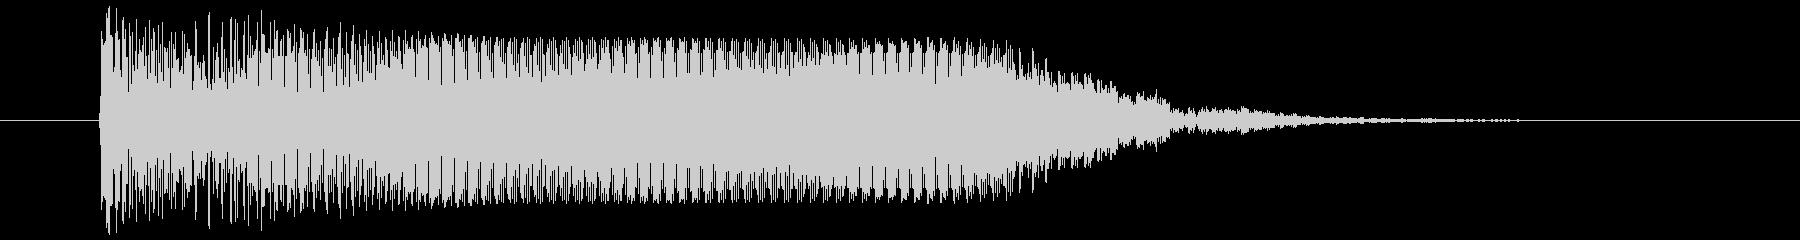 カウント ブー ぶー アラームやレーダーの未再生の波形